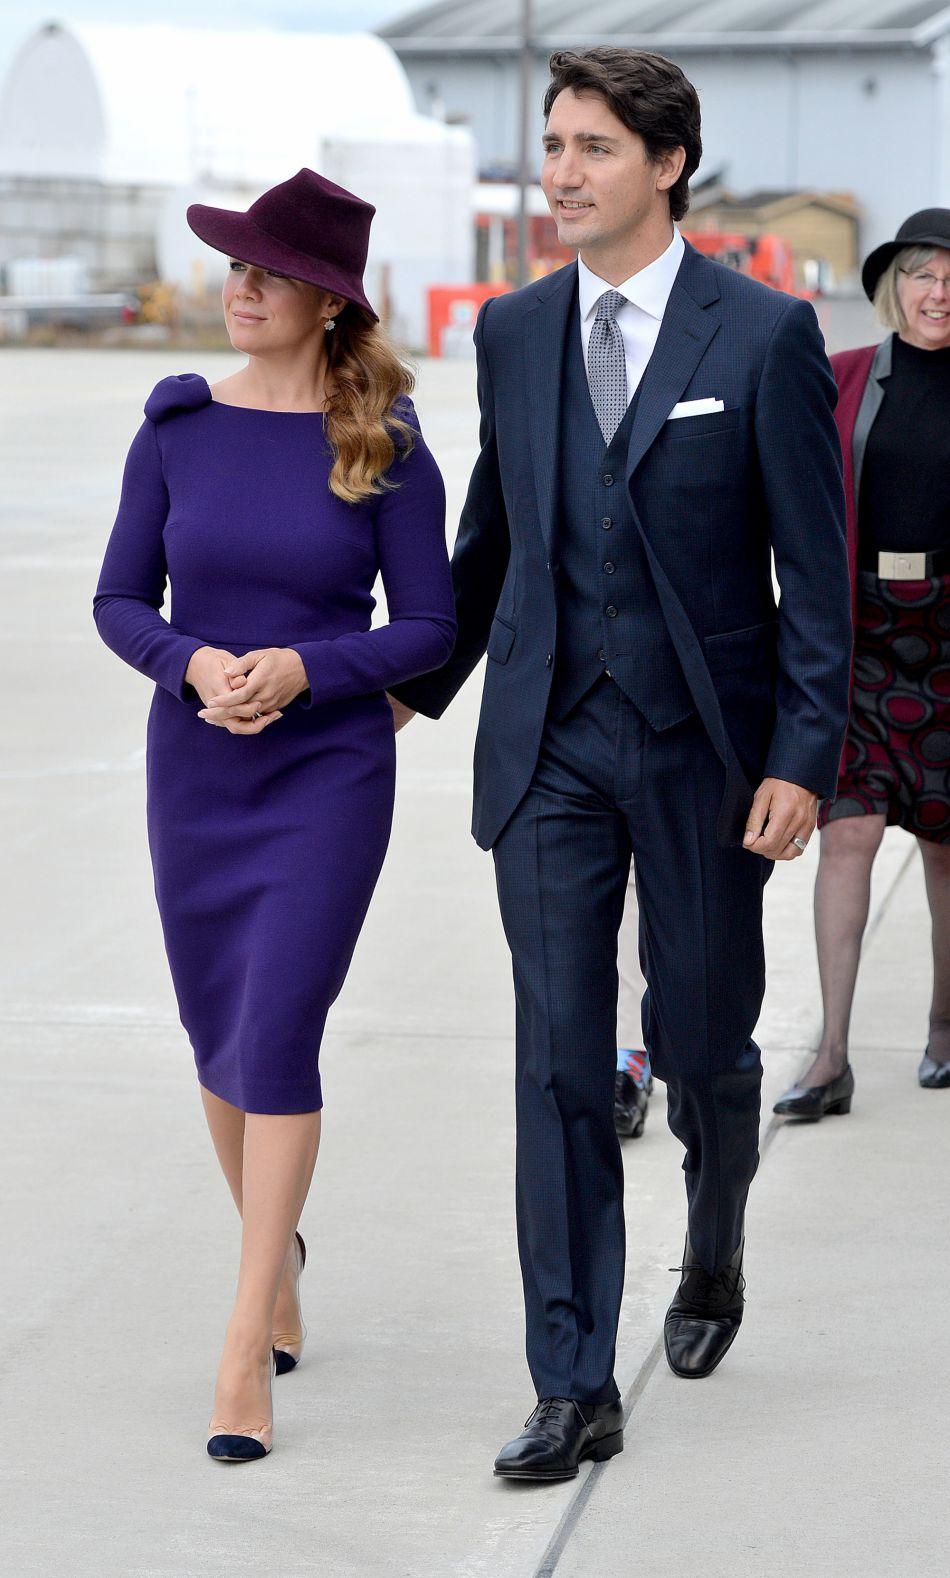 Le Premier ministre, Justin Trudeau, et son épouse Sophie faisaient aussi partie du comité d'accueil.